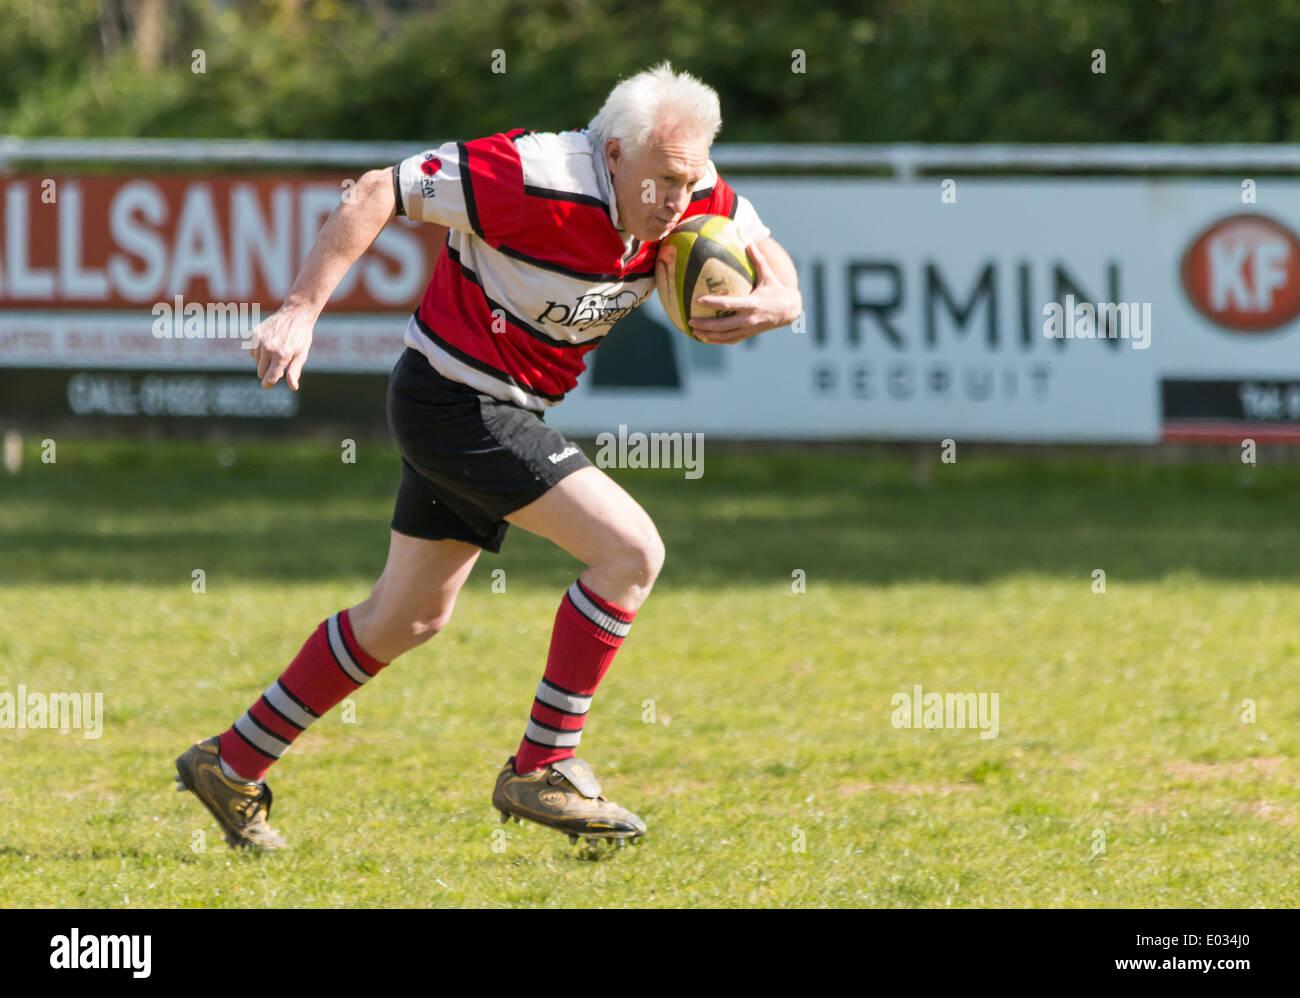 Coppia giocatore di rugby in esecuzione con sfera Immagini Stock